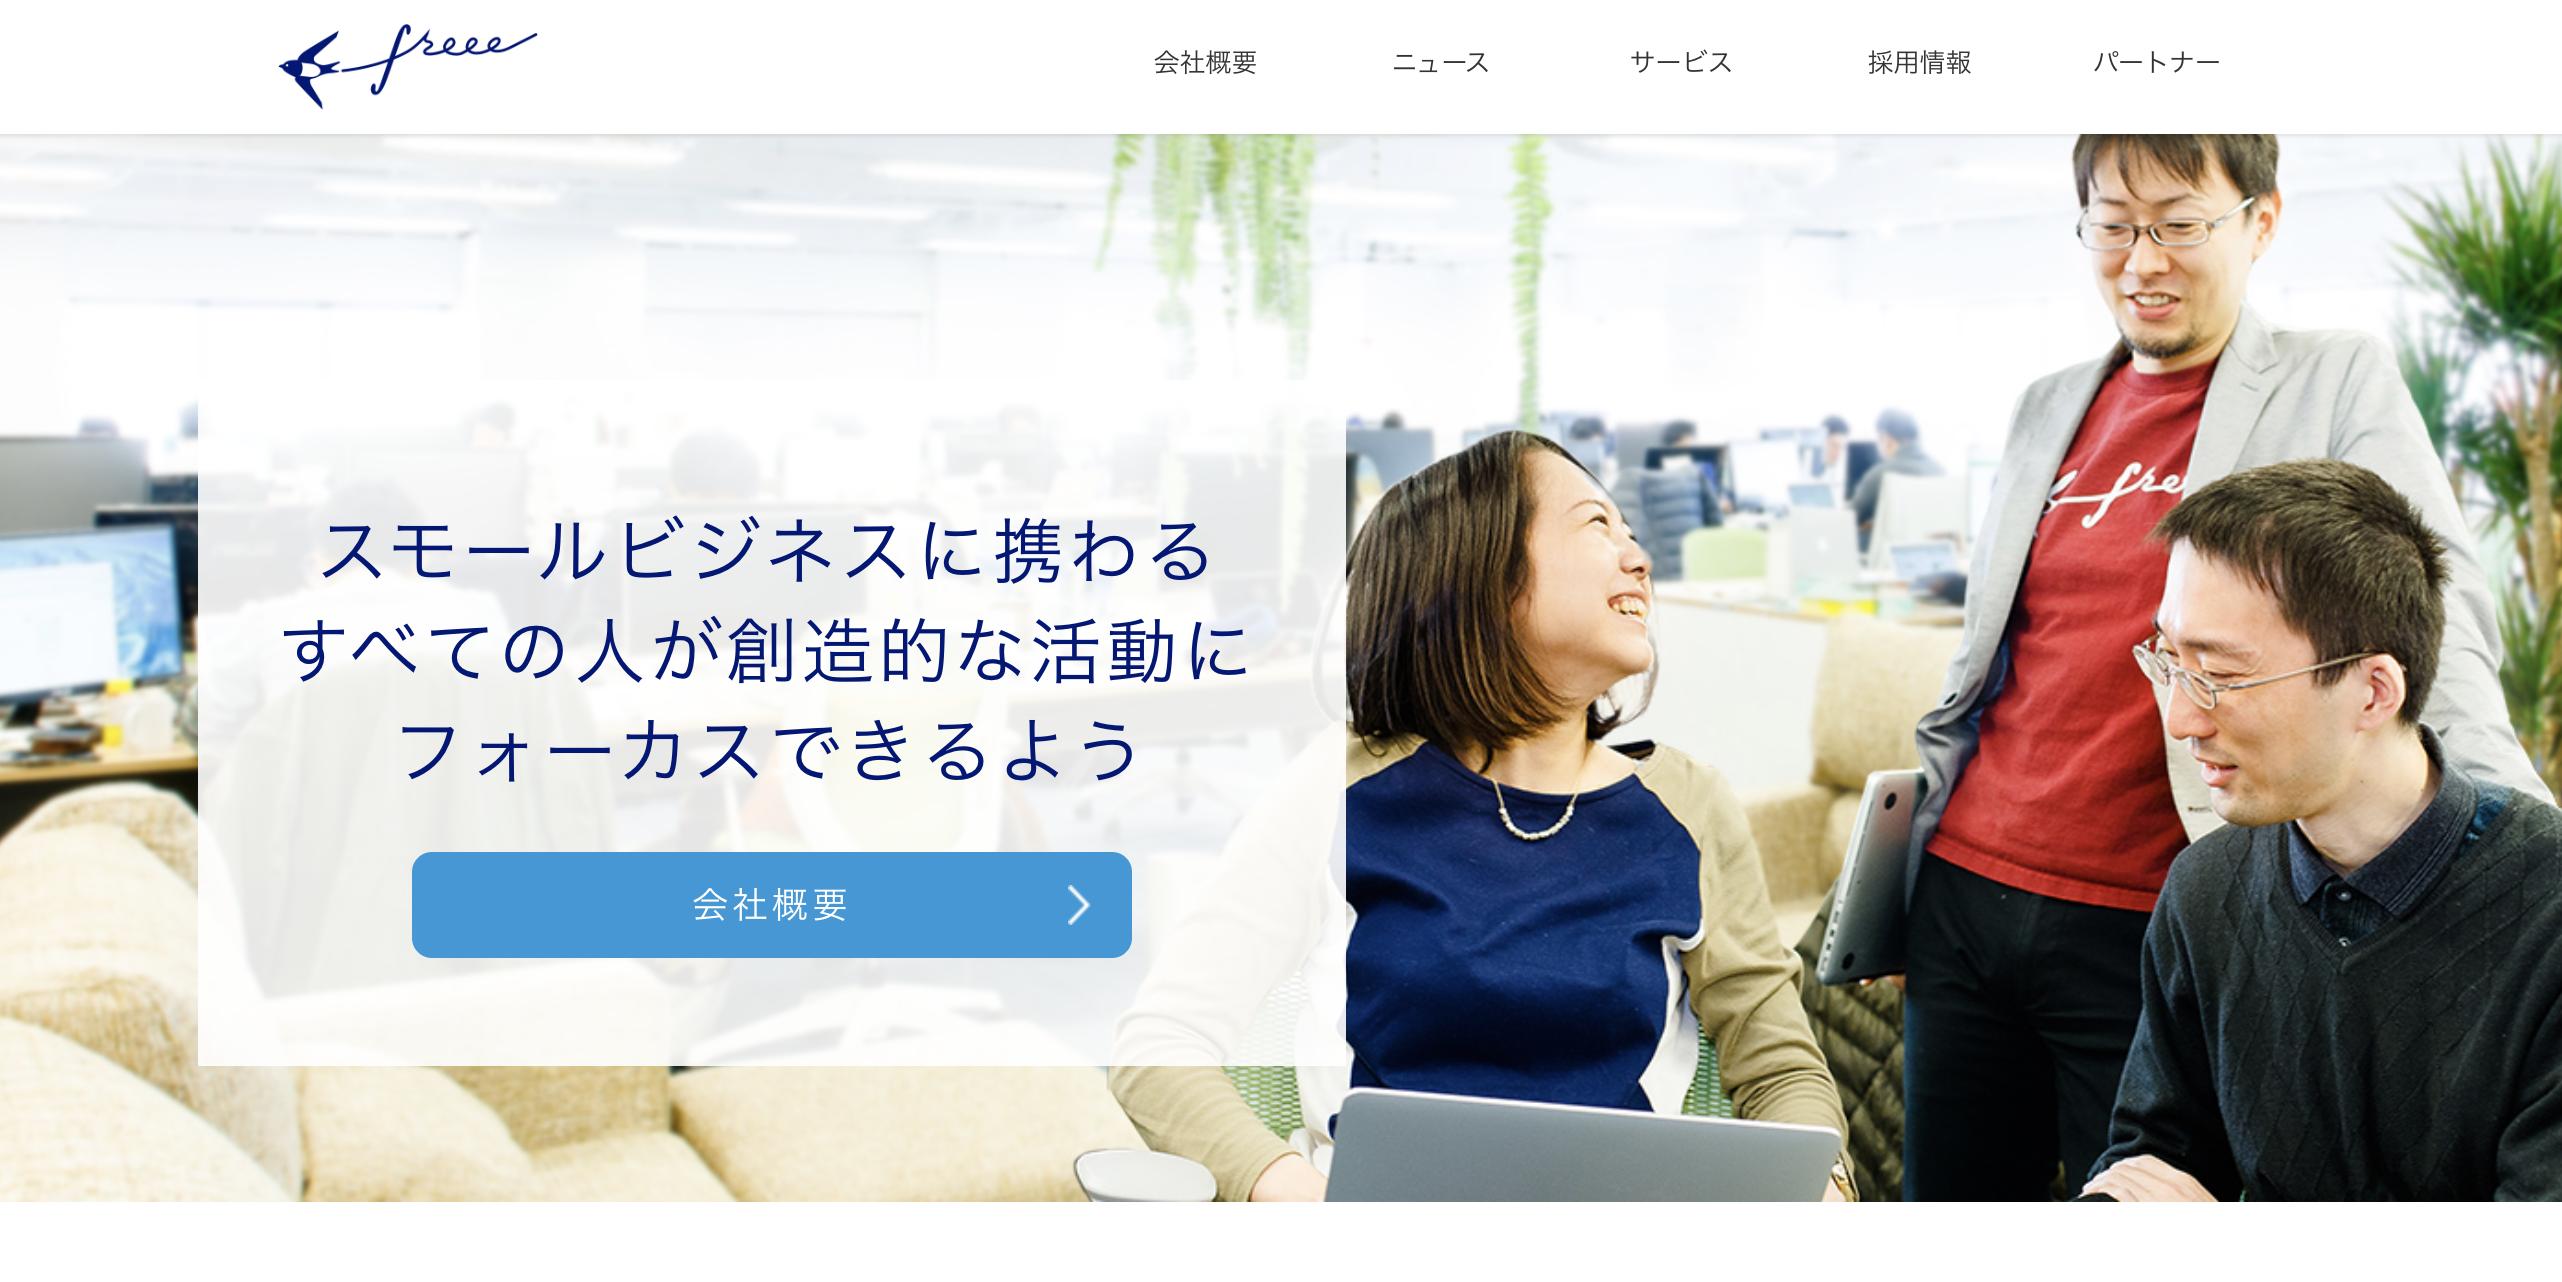 フリー(freee株式会社)